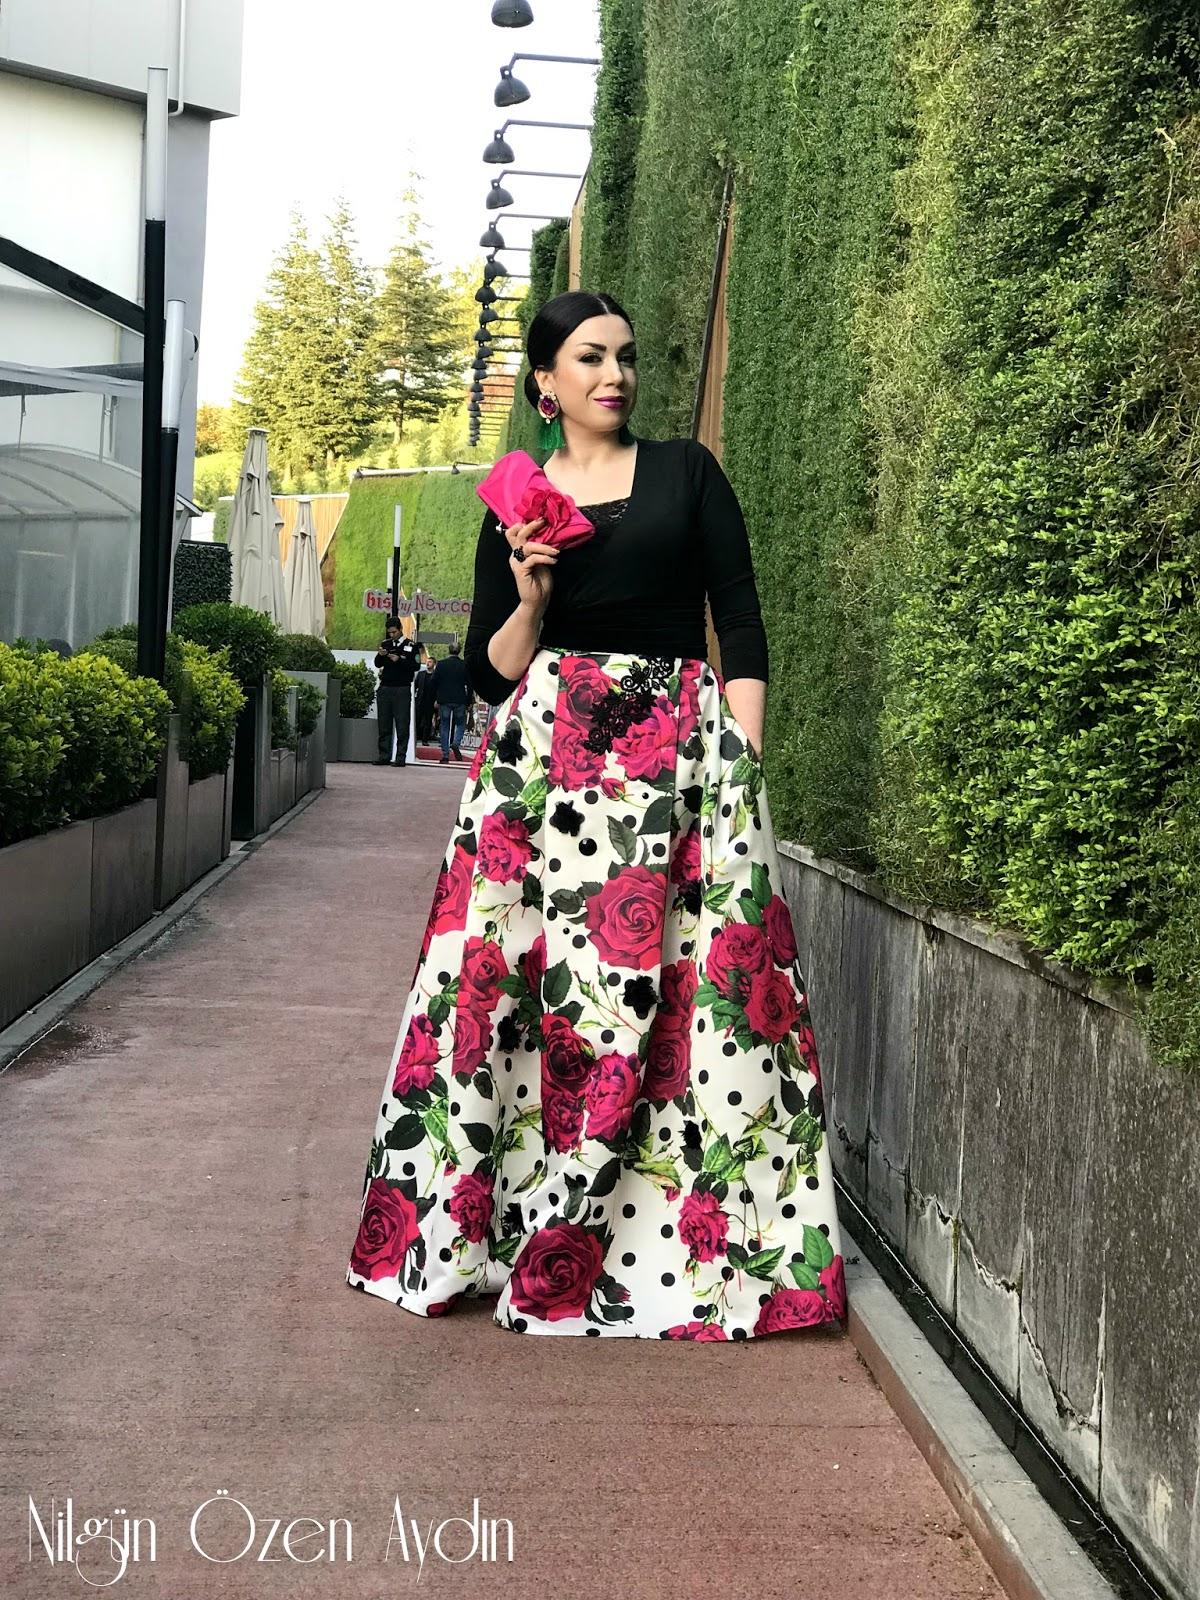 diktiklerim-abiye etek-prenses etek dikimi-etekler-dikiş sanatı-moda tasarımcısı